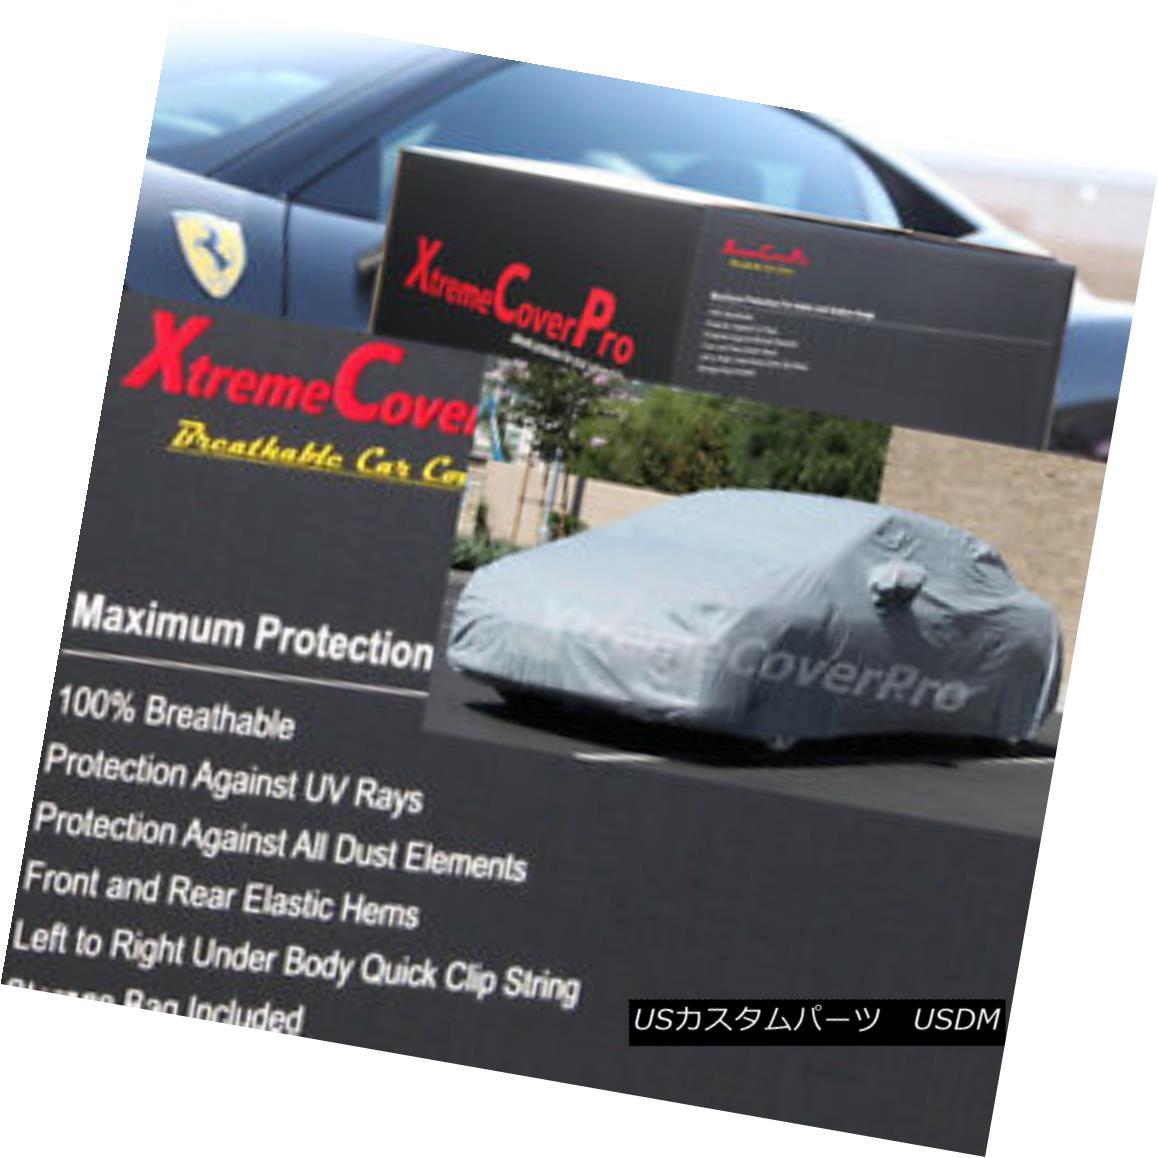 カーカバー 2004 2005 2006 Chrysler Sebring Sedan Breathable Car Cover w/MirrorPocket 2004年2005年2006年クライスラーセブリングセダン通気性車カバー付き(MirrorPocket)